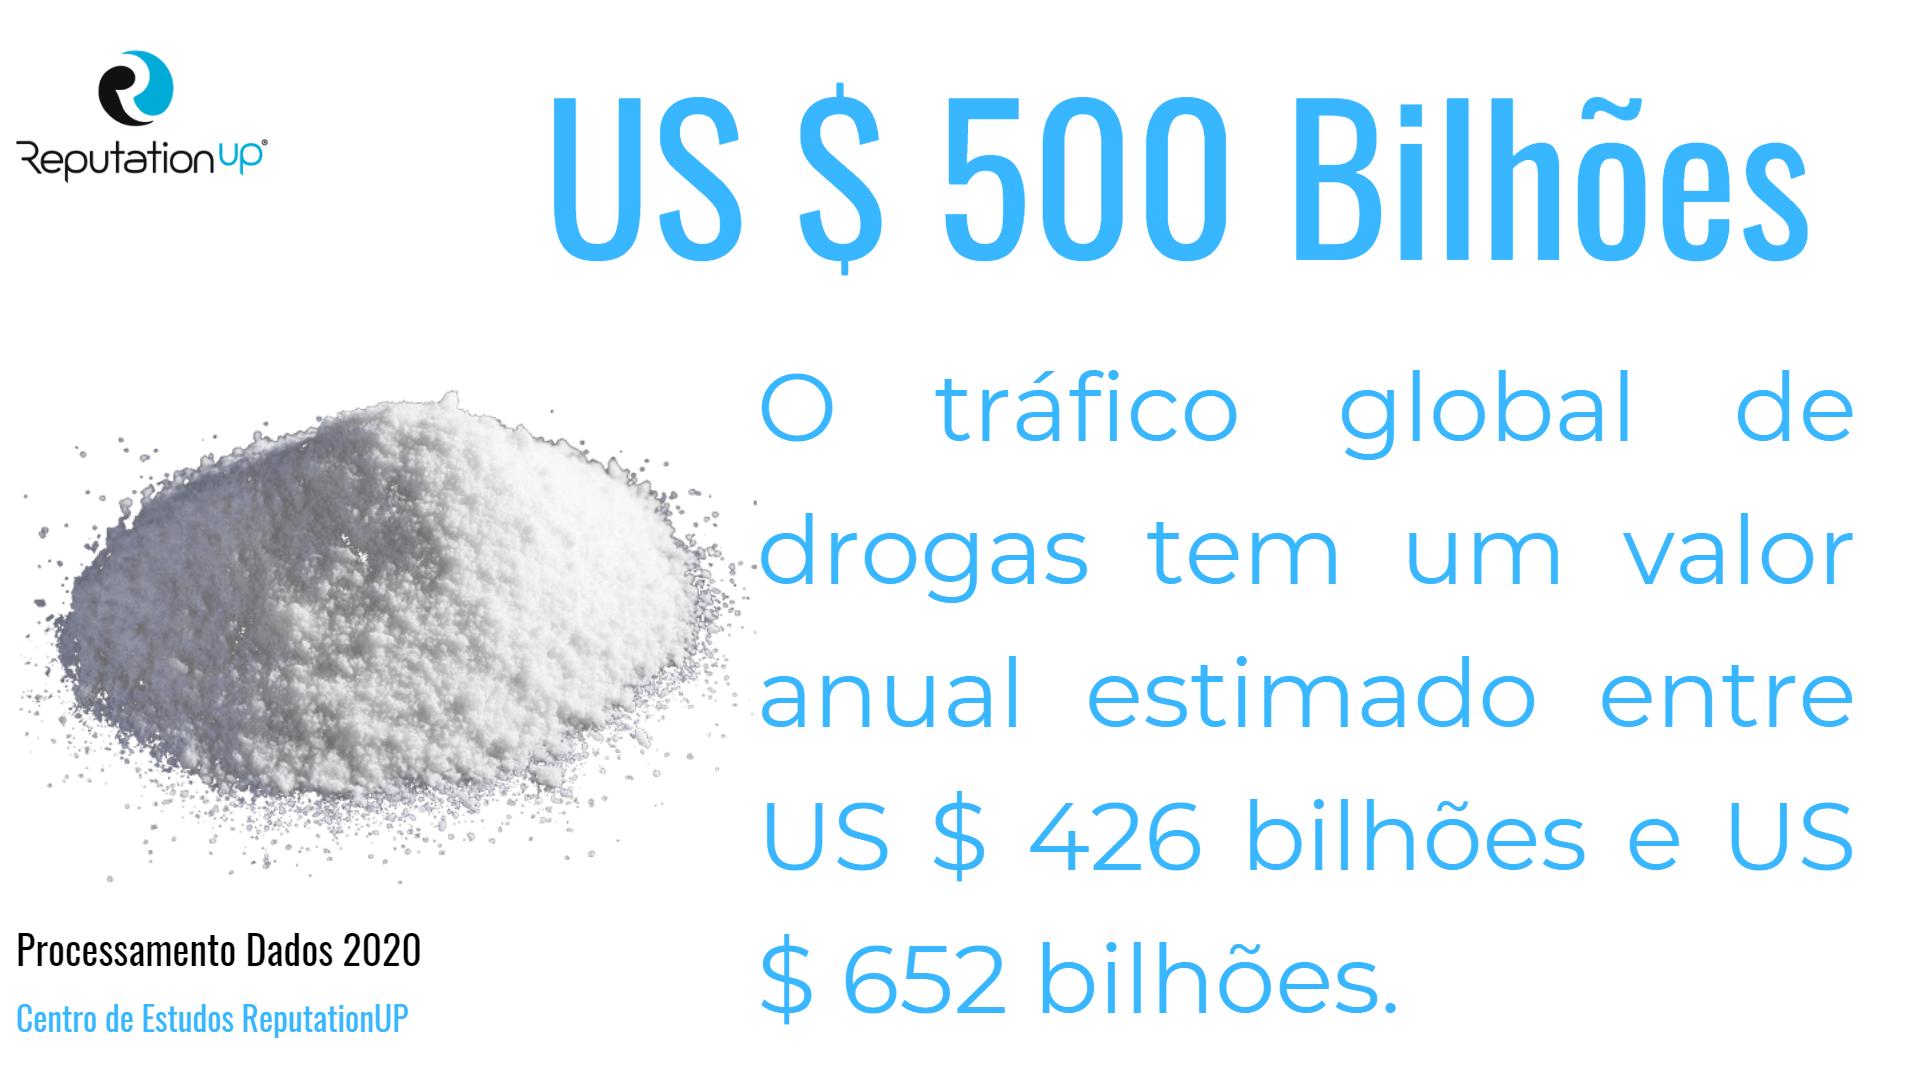 tráfico global de drogas valor anual estimado Centro de Estudos ReputationUP